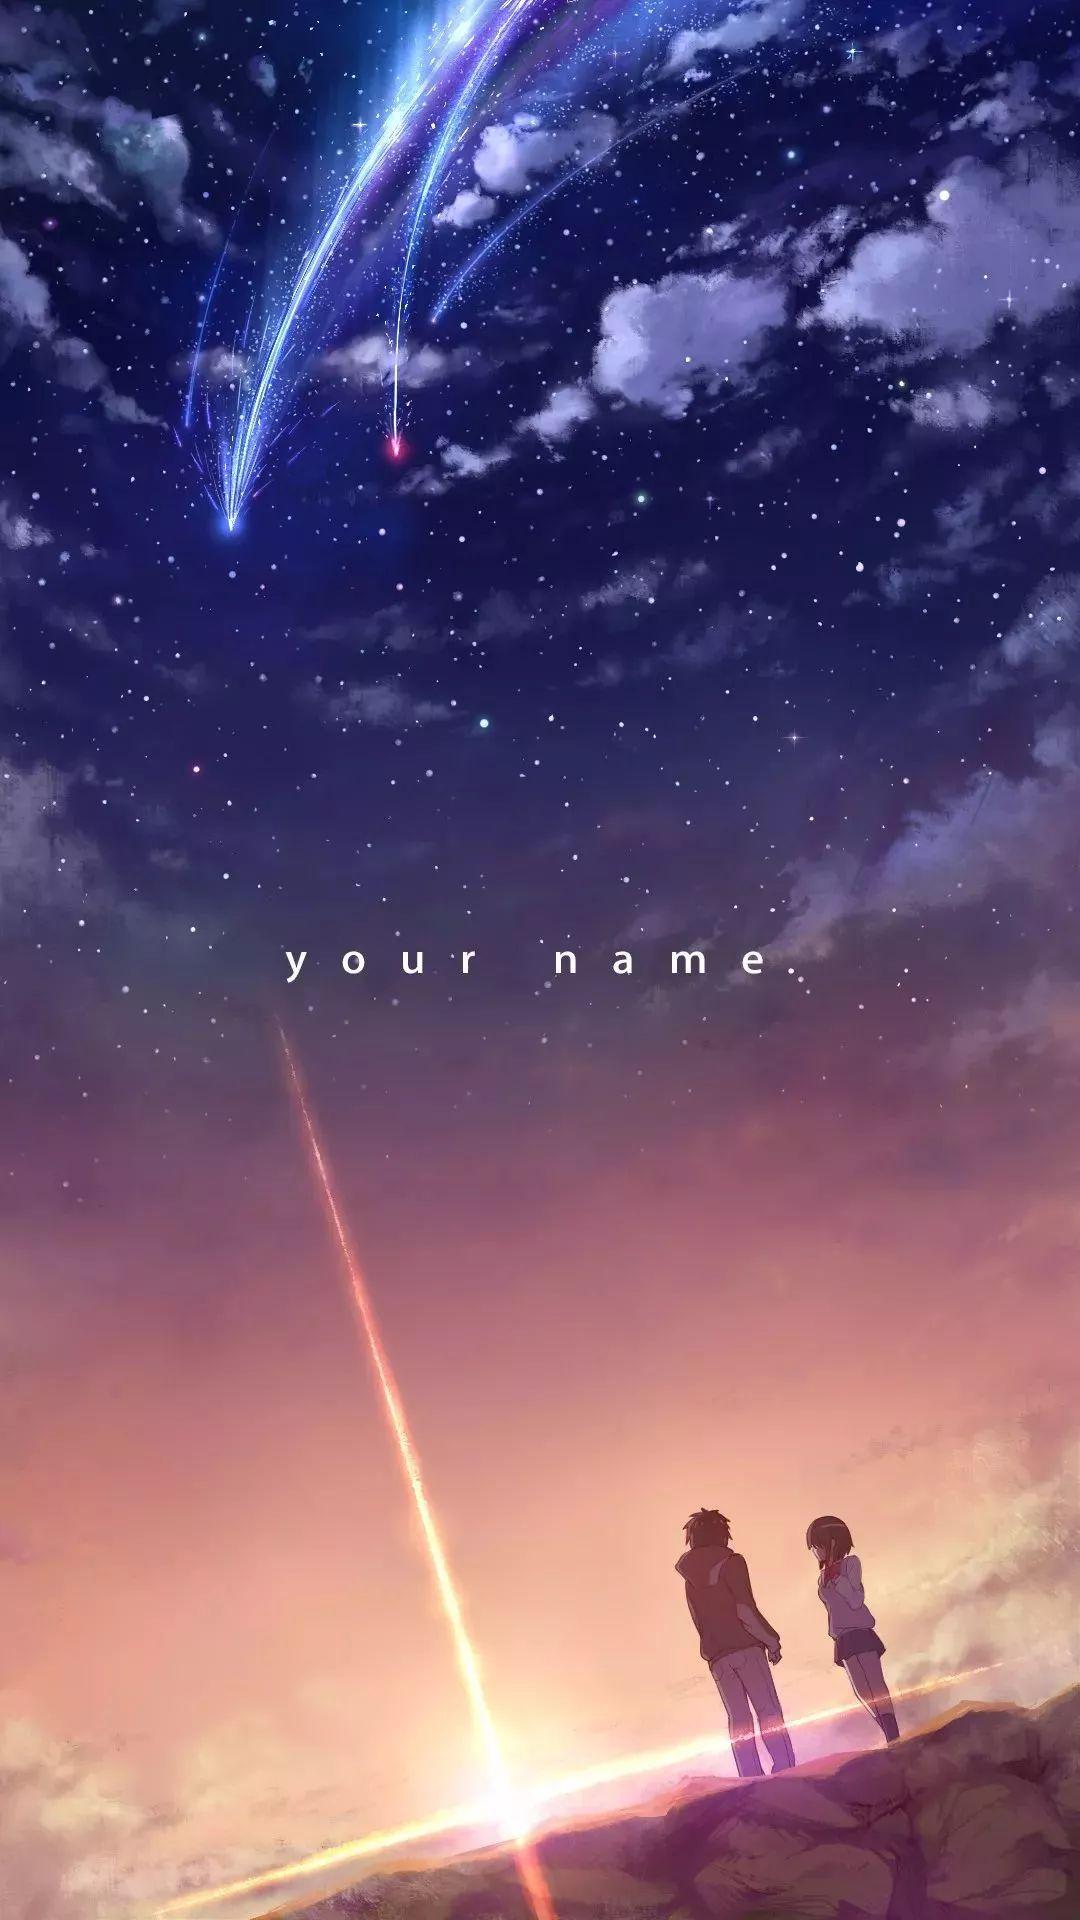 动漫壁纸  《你的名字》你的名字,是我见过最短的情诗(组图)